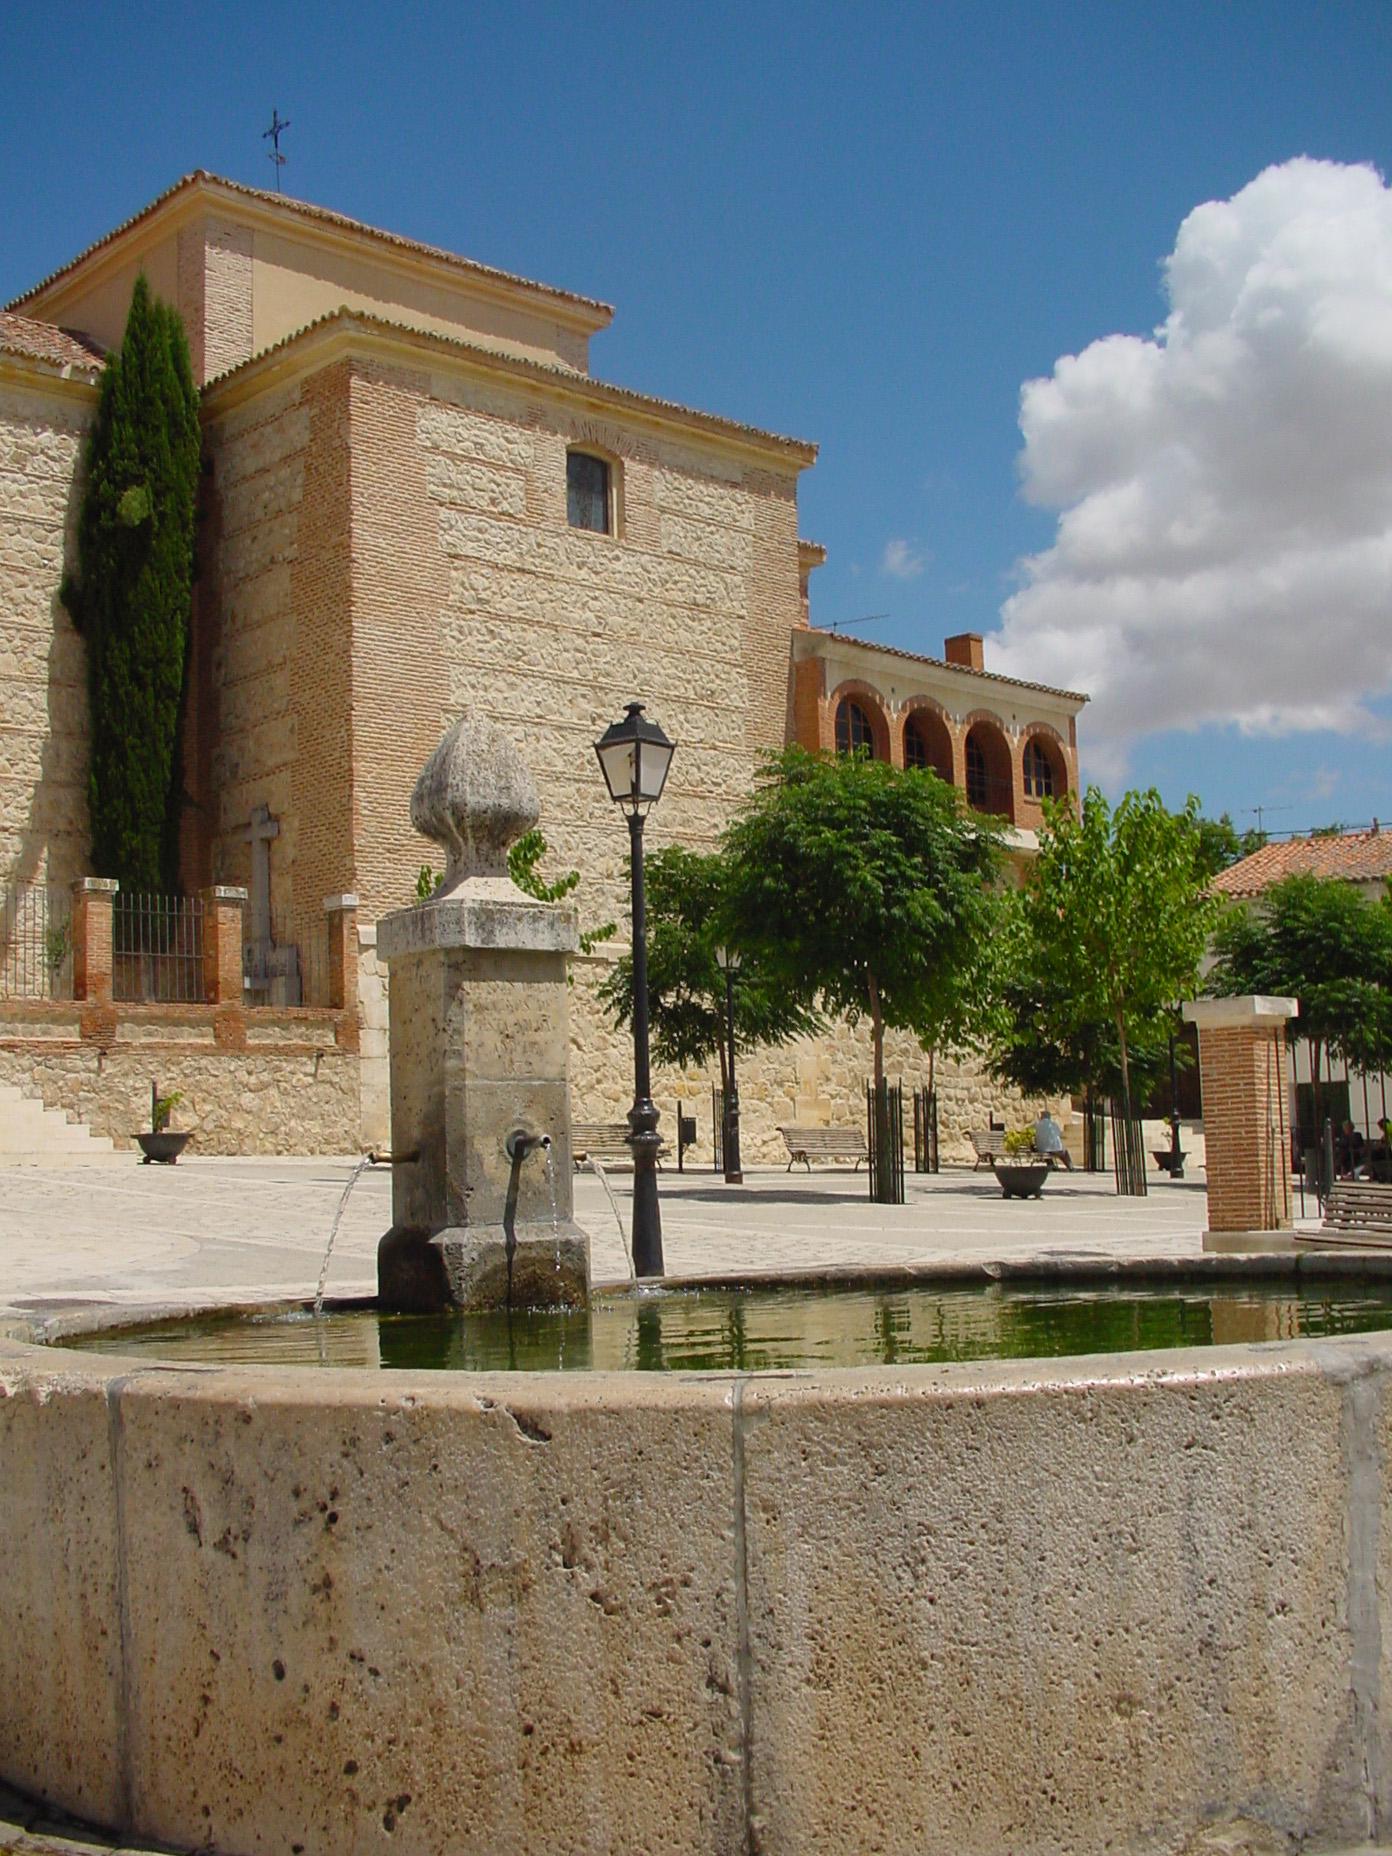 Fuente con parroquia al fondo en Tielmes